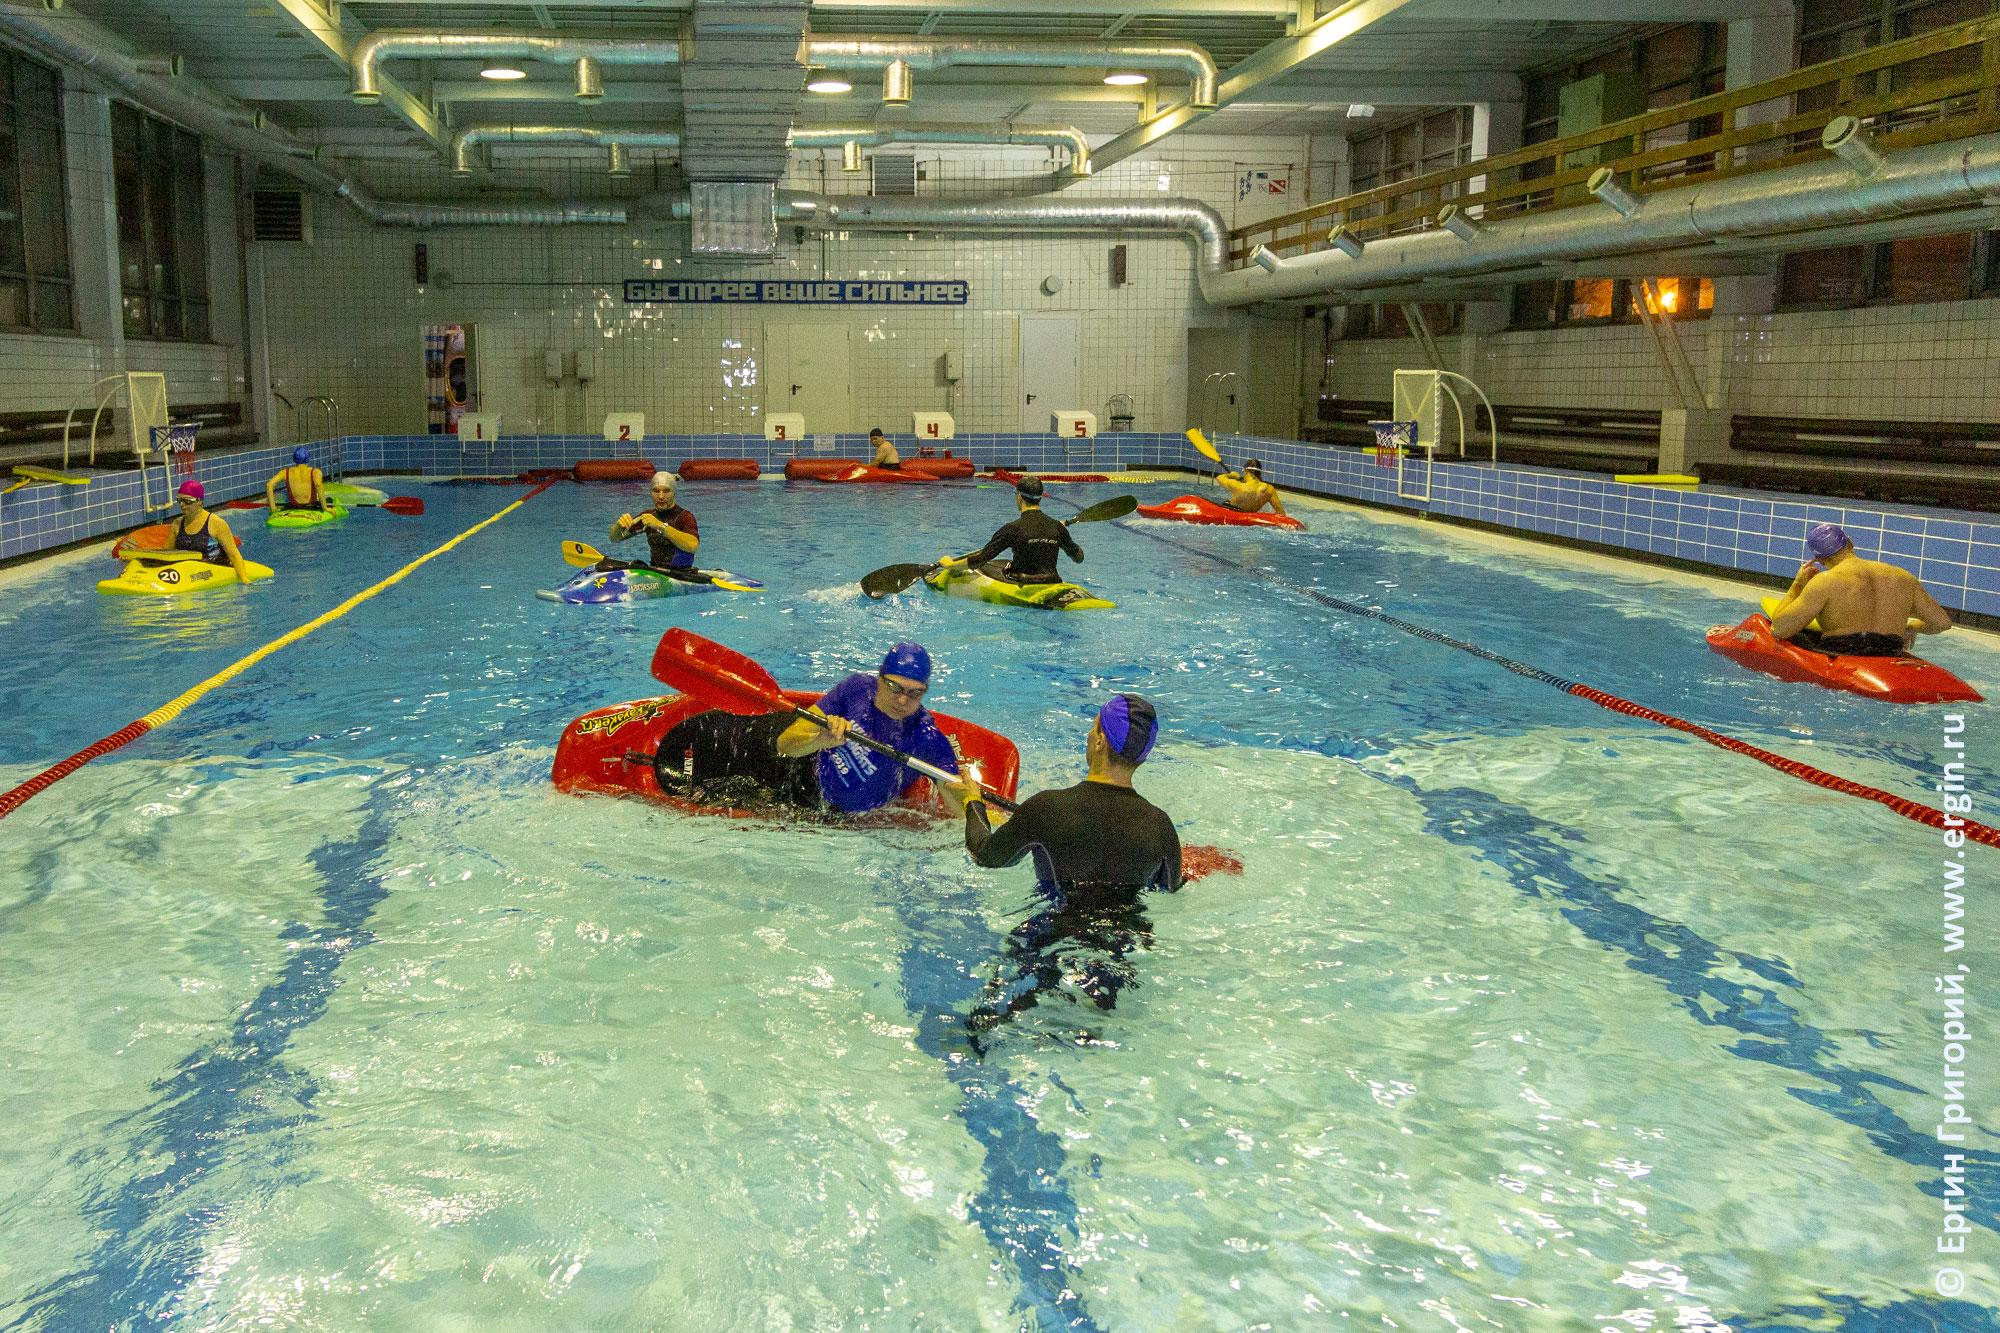 Групповая тренировка начинающих каякеров по эскимосскому перевороту в школе каякинга